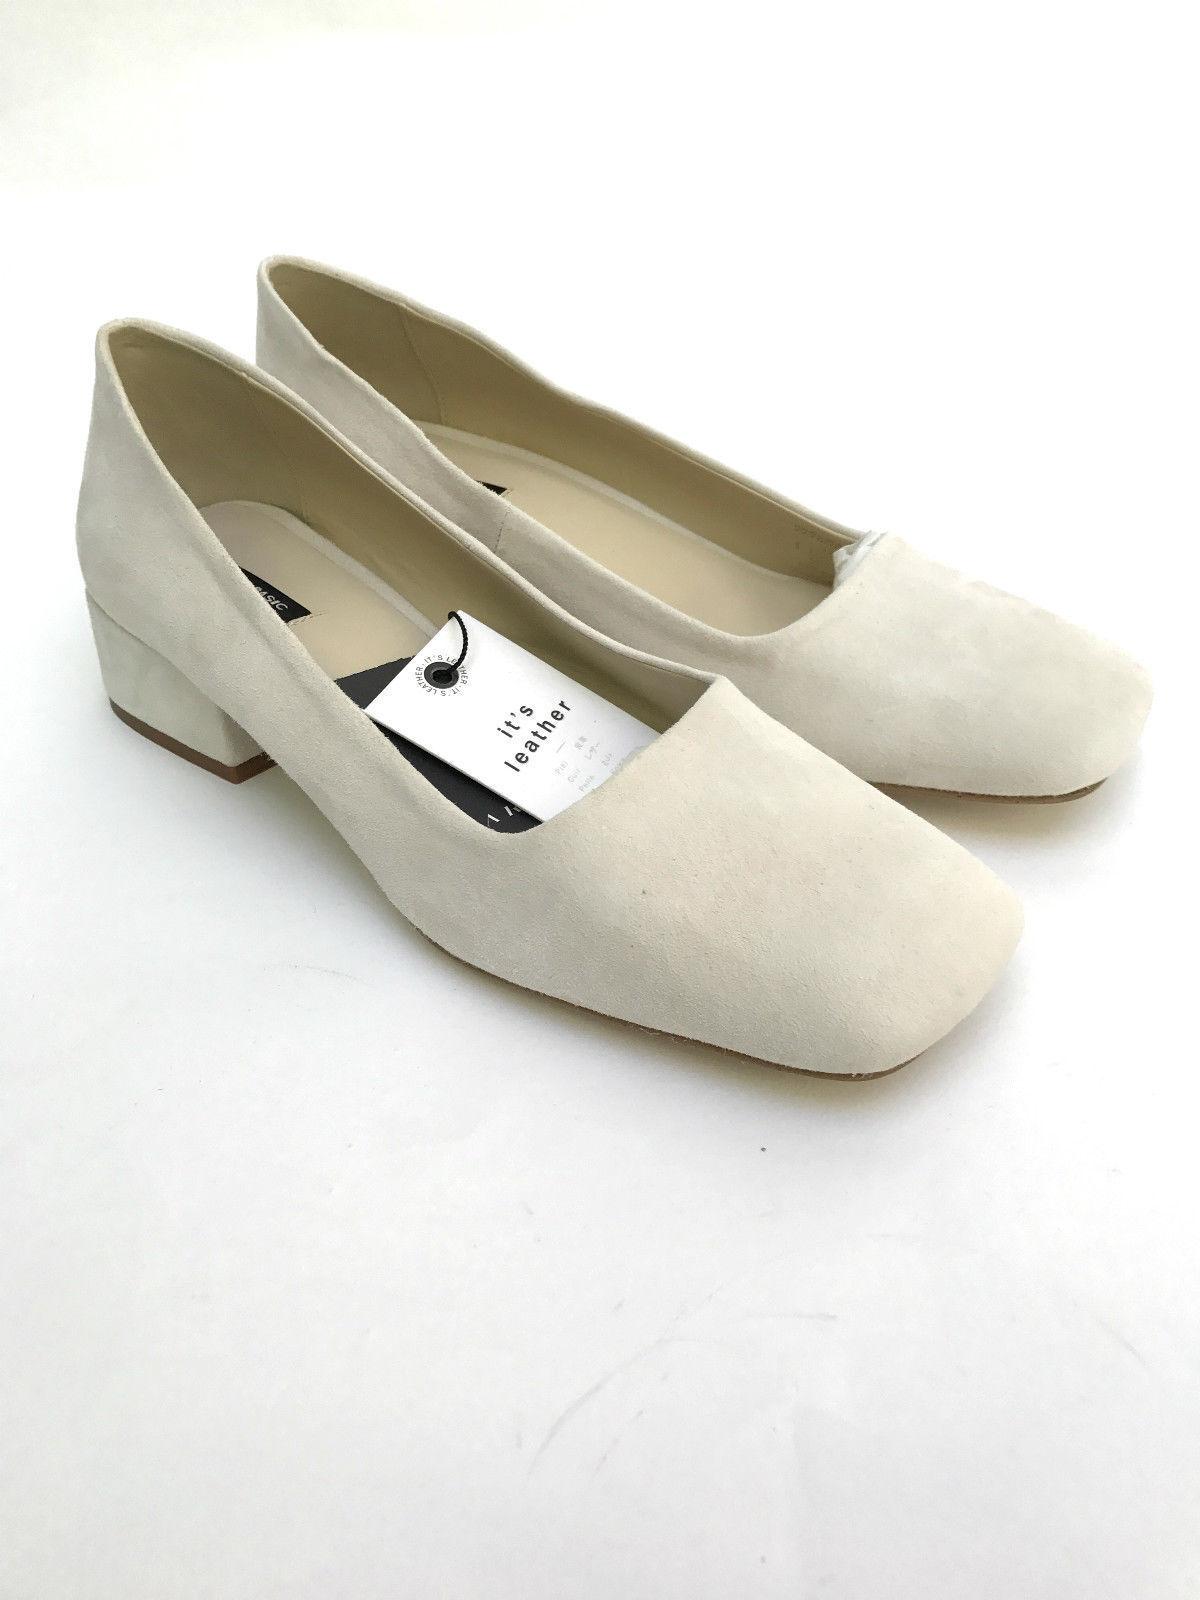 ZARA ECRU BLOCK HEEL LEATHER Schuhe SIZE UK 5 7 REF 2228 201